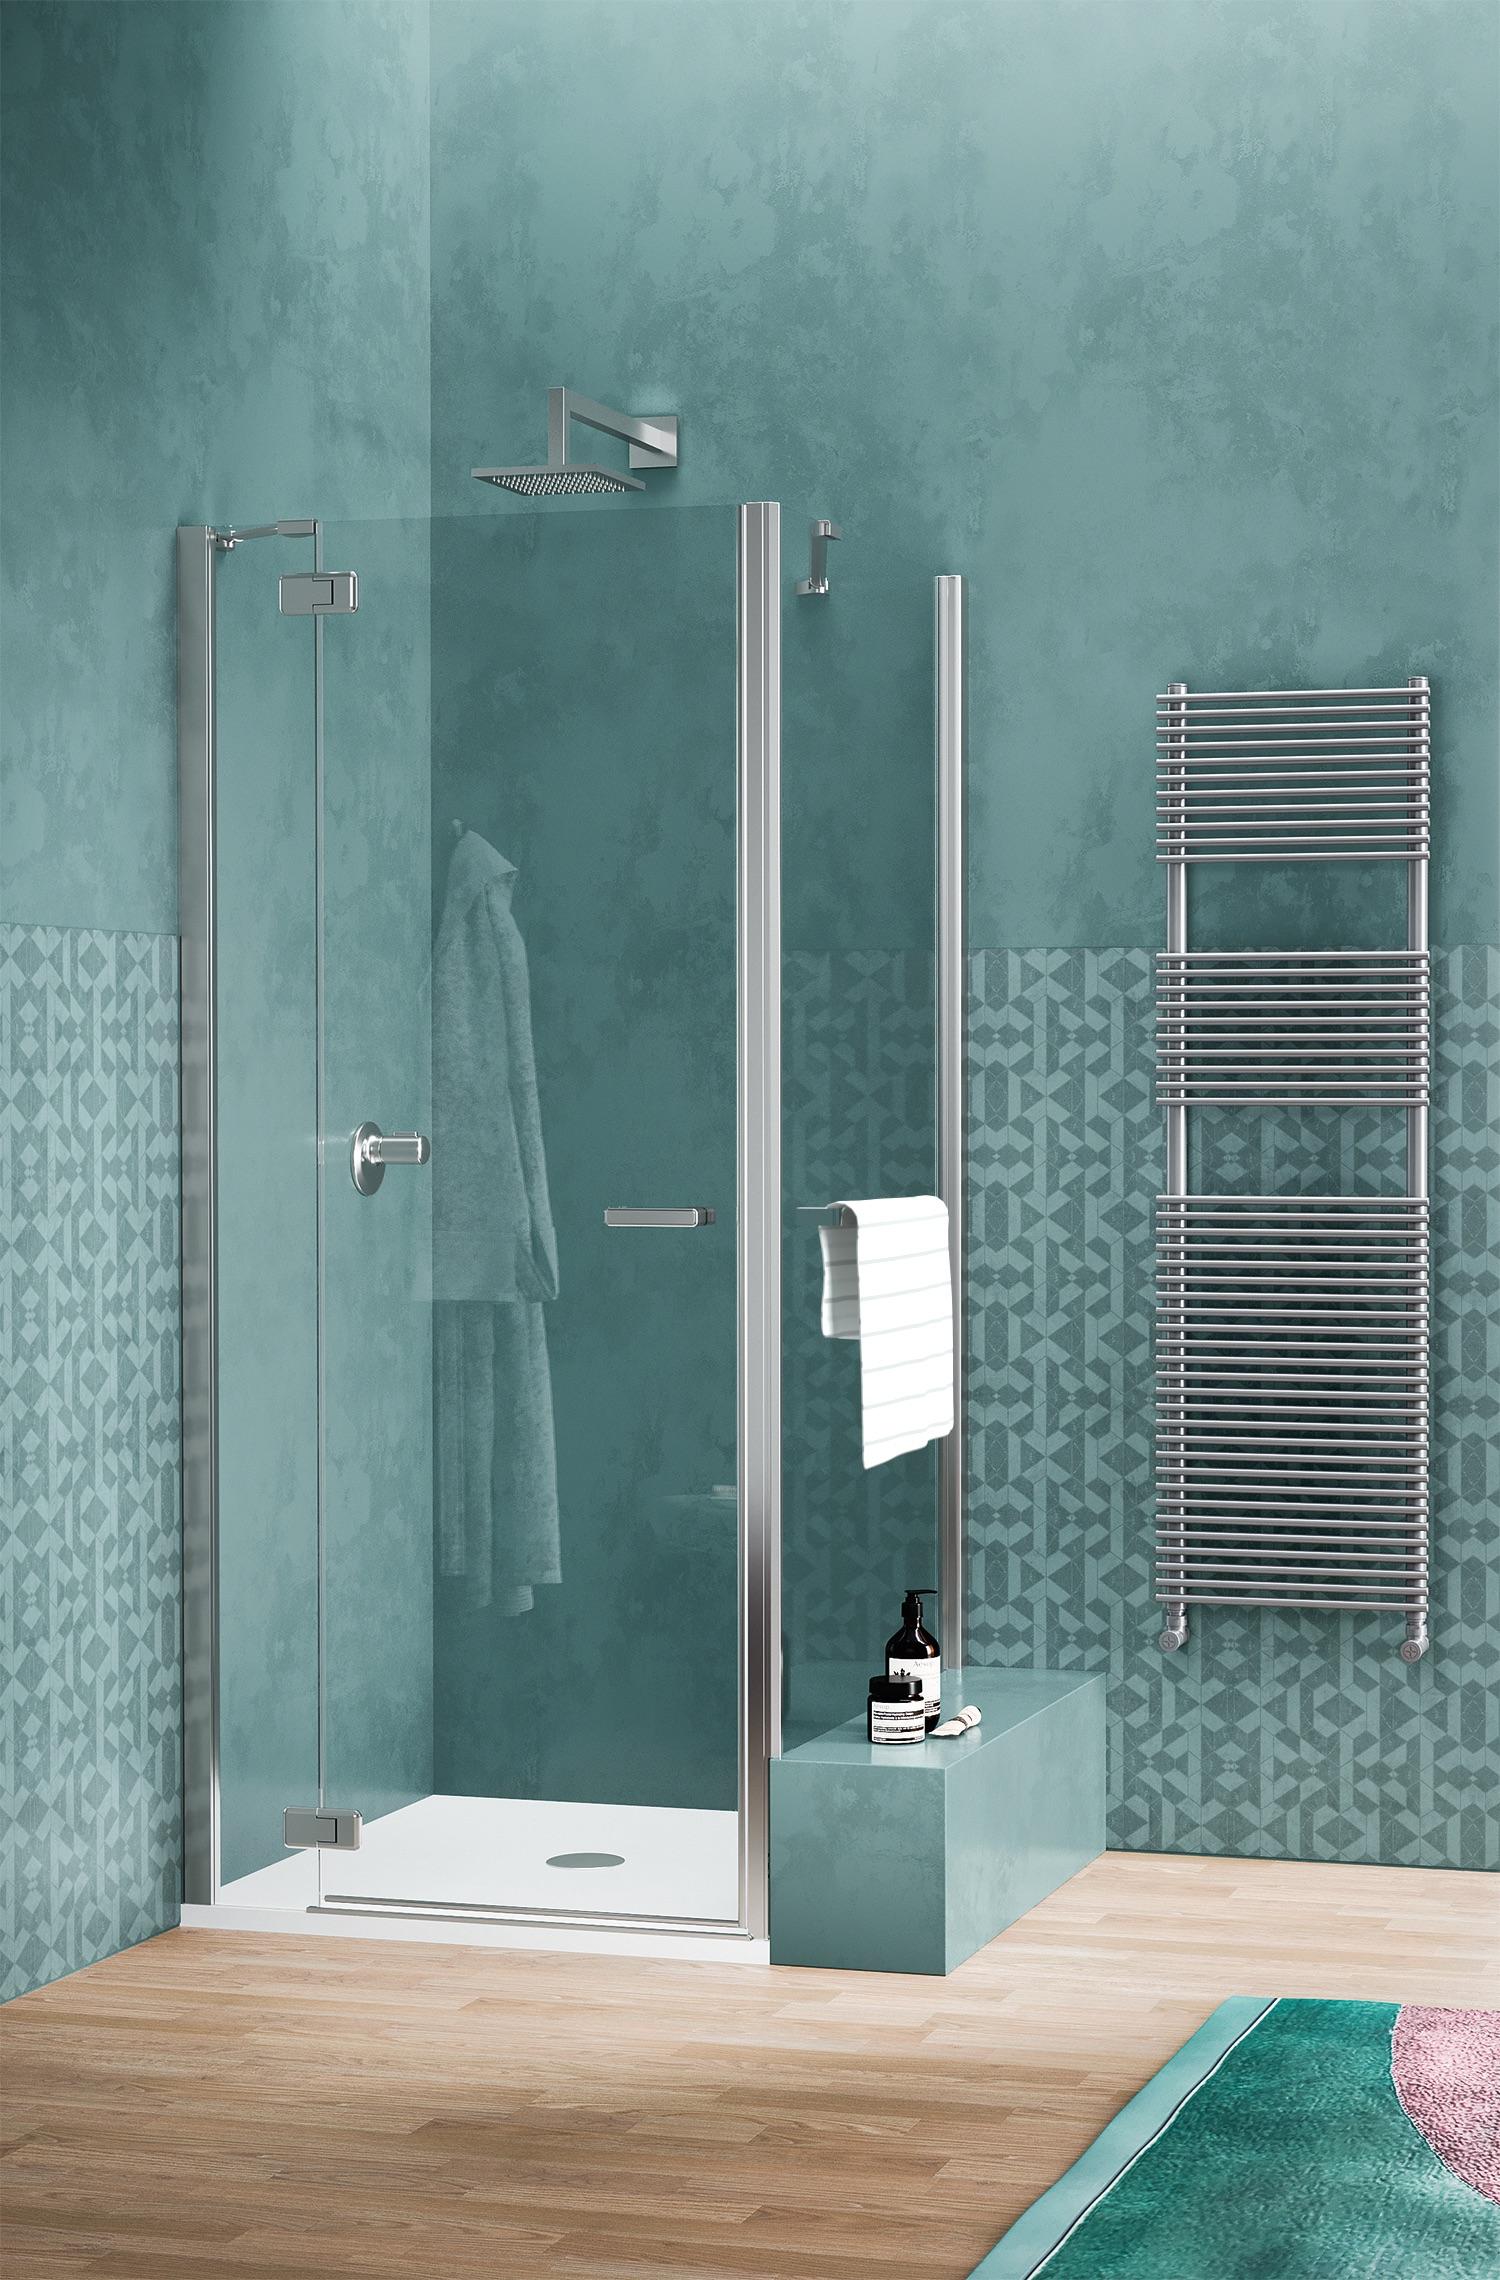 Sealskin douchewand gallery 3000 met handdoekrek #douchewand #douche #sealskin #badkamers